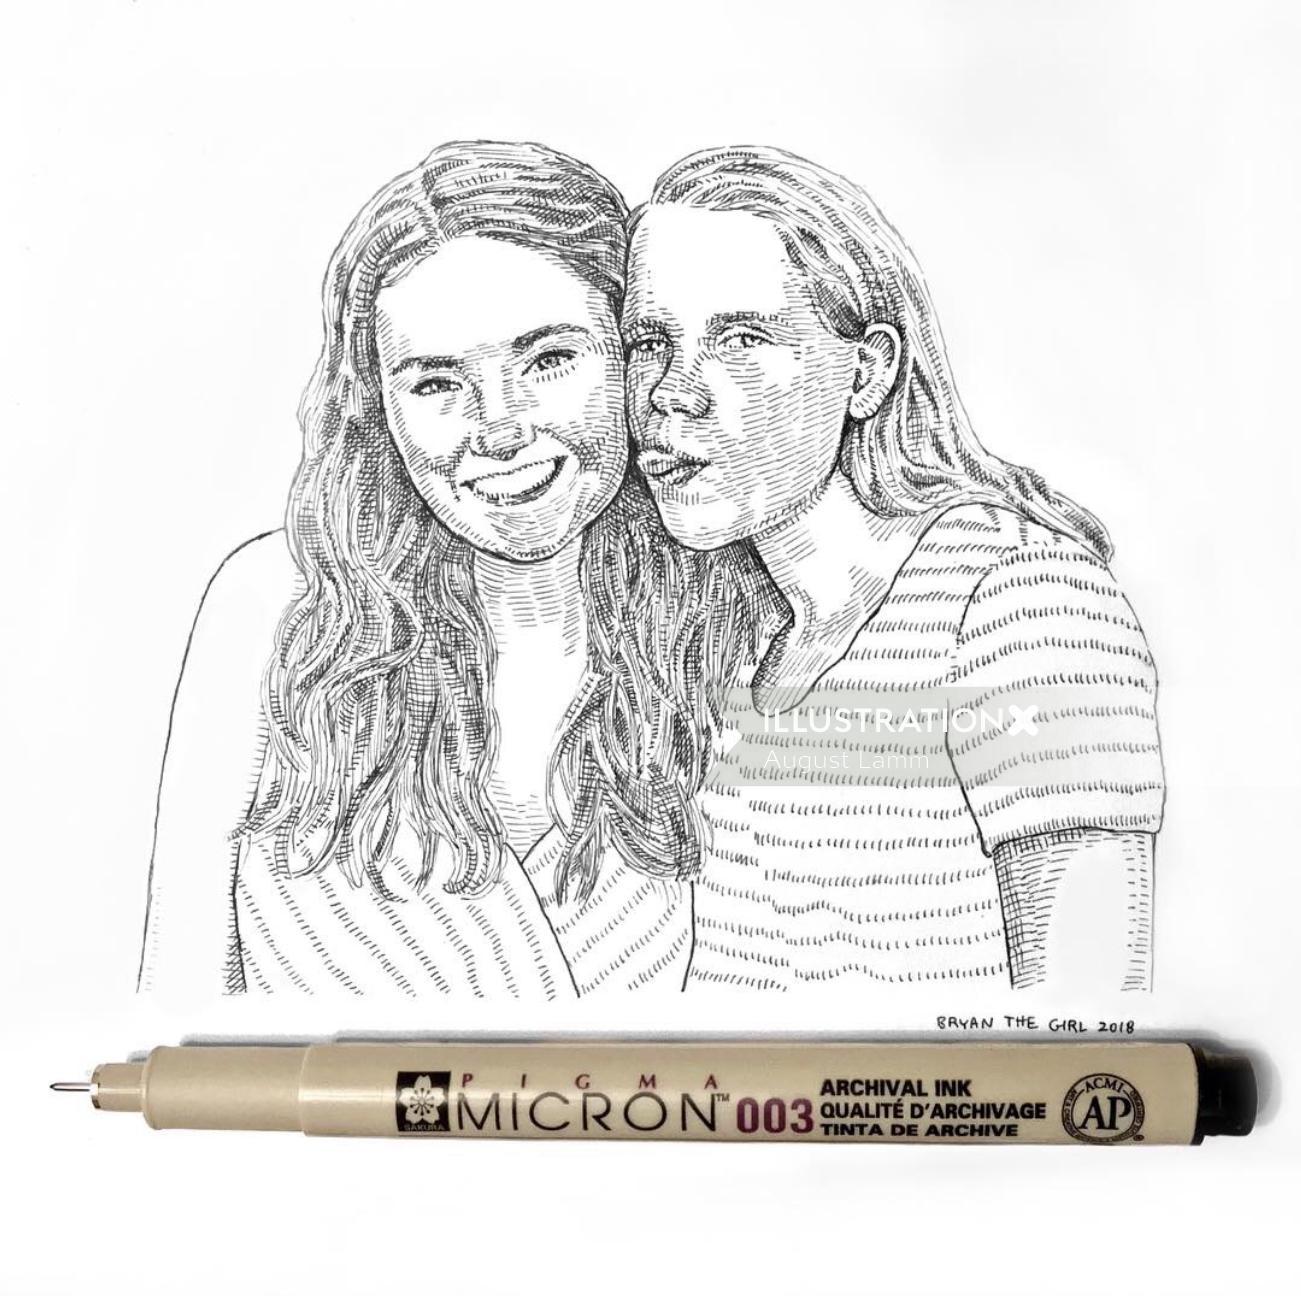 Couple portrait artwork by August Lamm